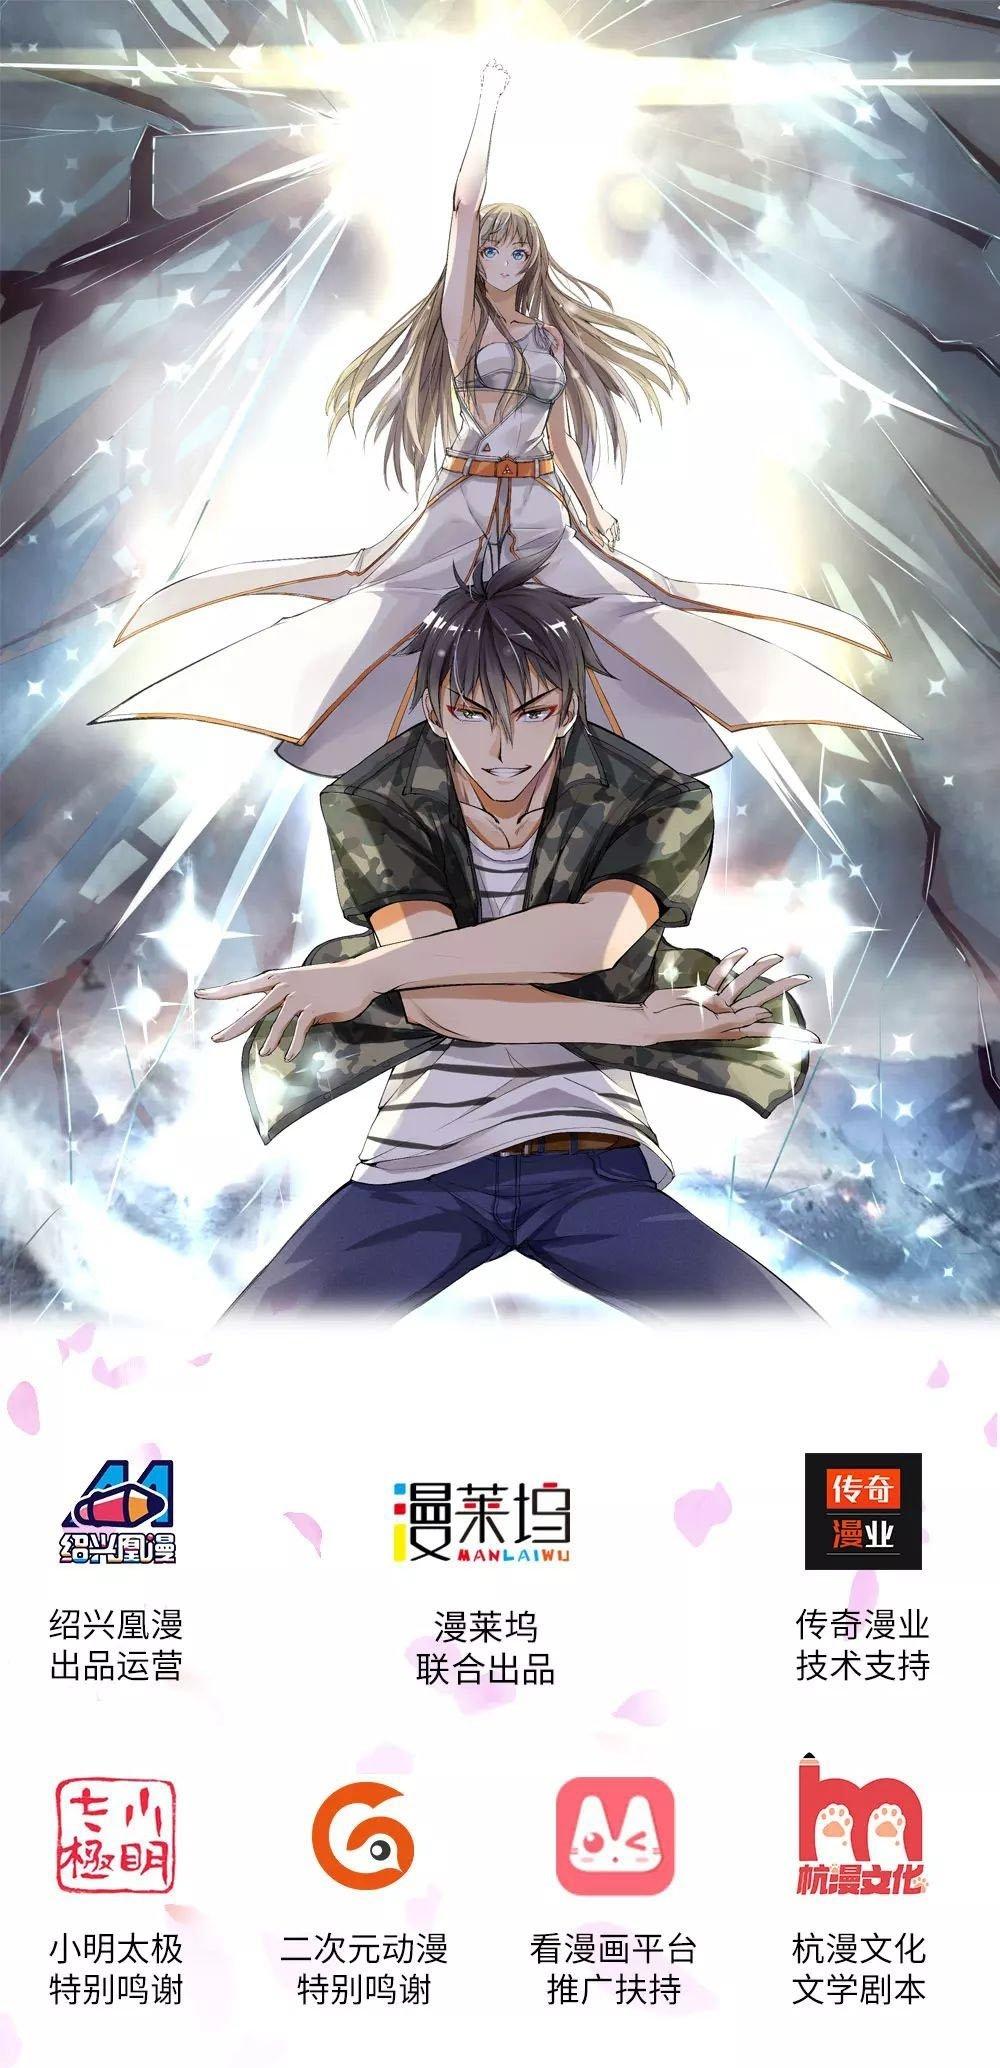 https://nine.mangadogs.com/es_manga/pic8/11/35915/935561/71541653edfd81ee0ae62fb1fd1be011.jpg Page 1